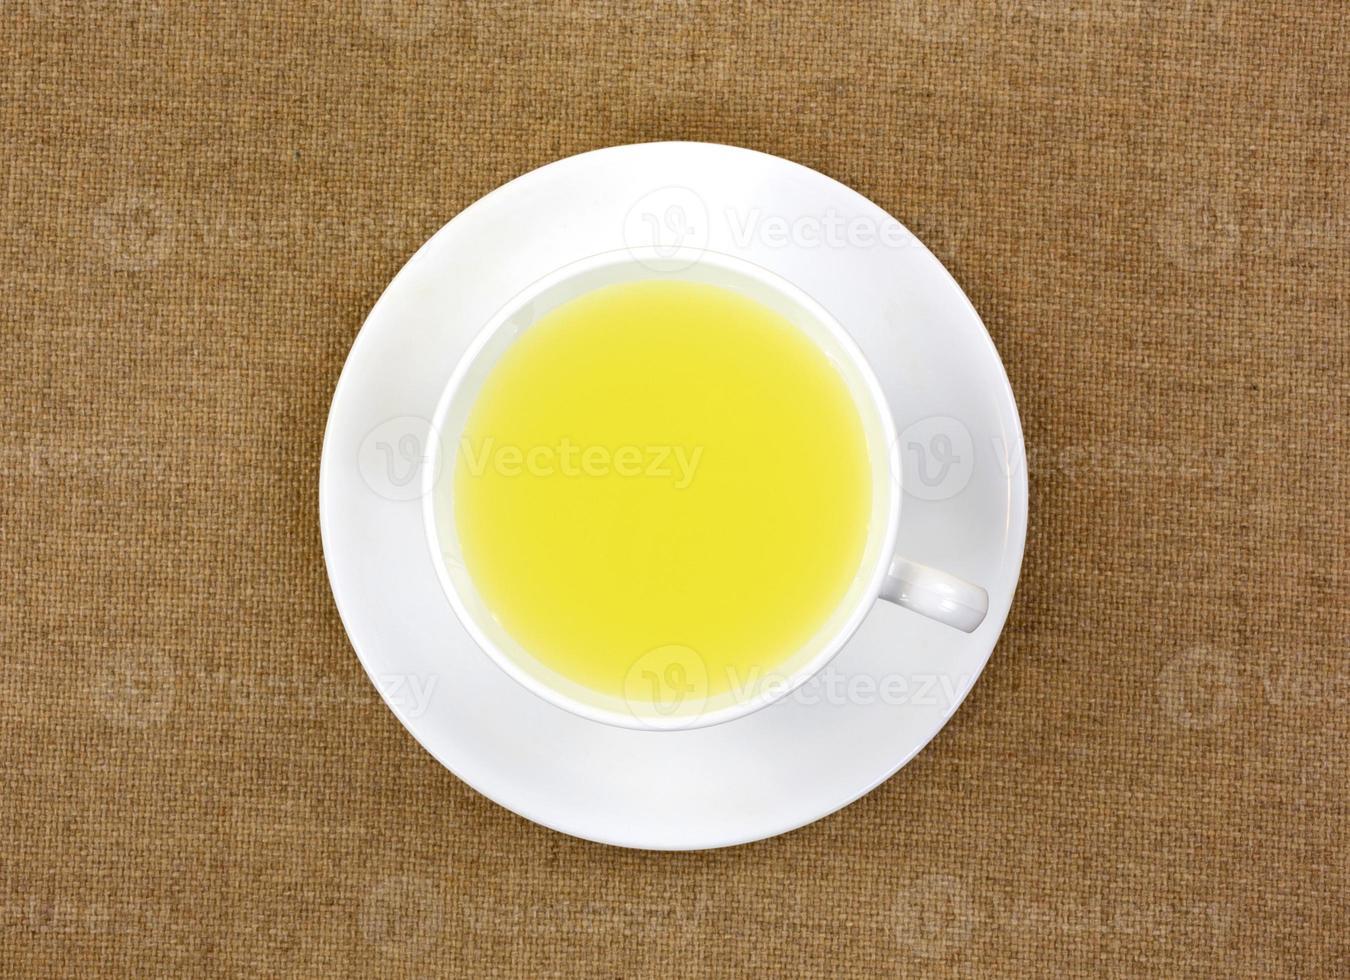 citroensap foto